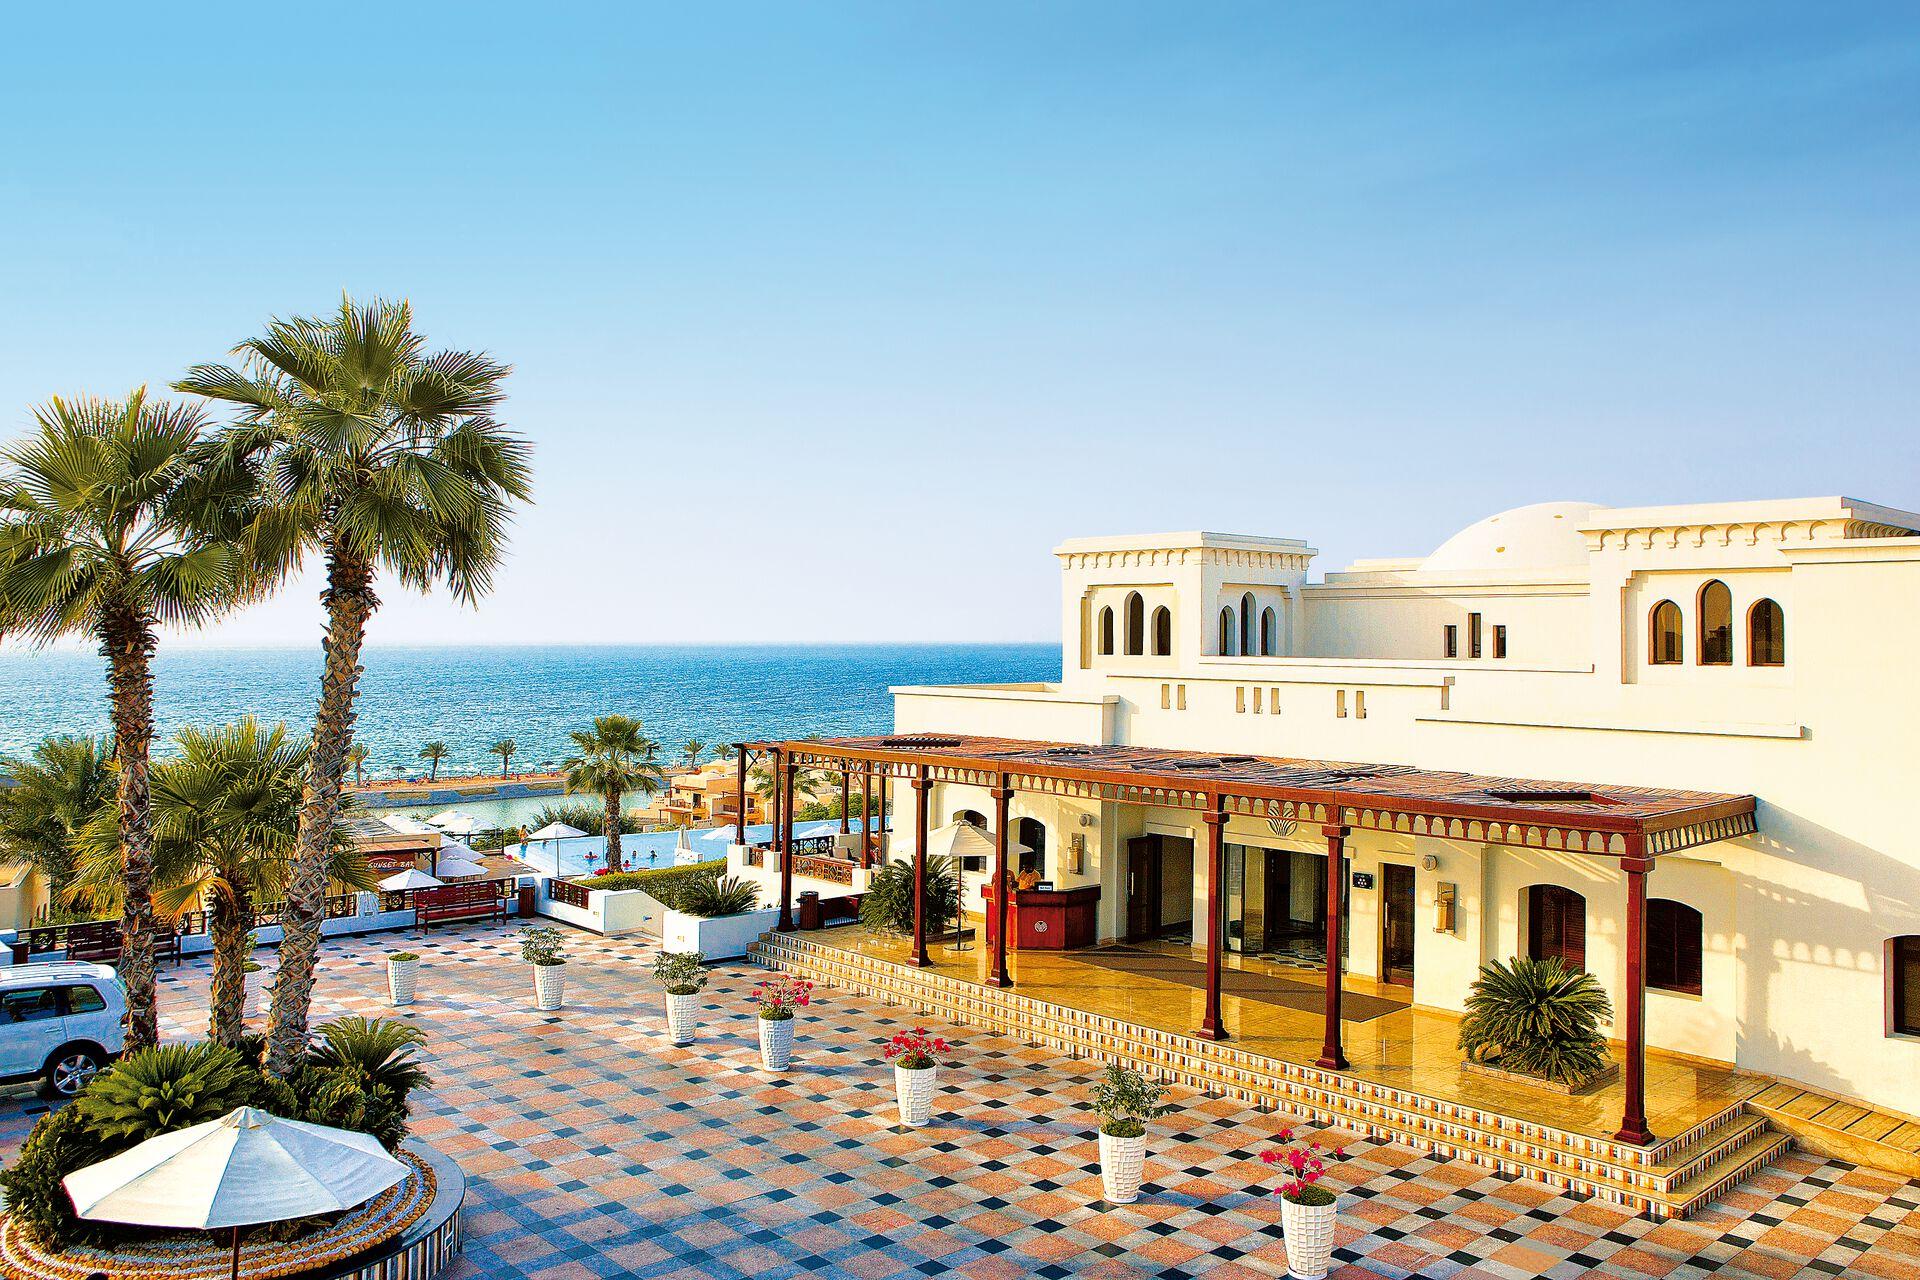 Emirats Arabes Unis - Ras Al Khaimah - Hôtel The Cove Rotana Resort 5*